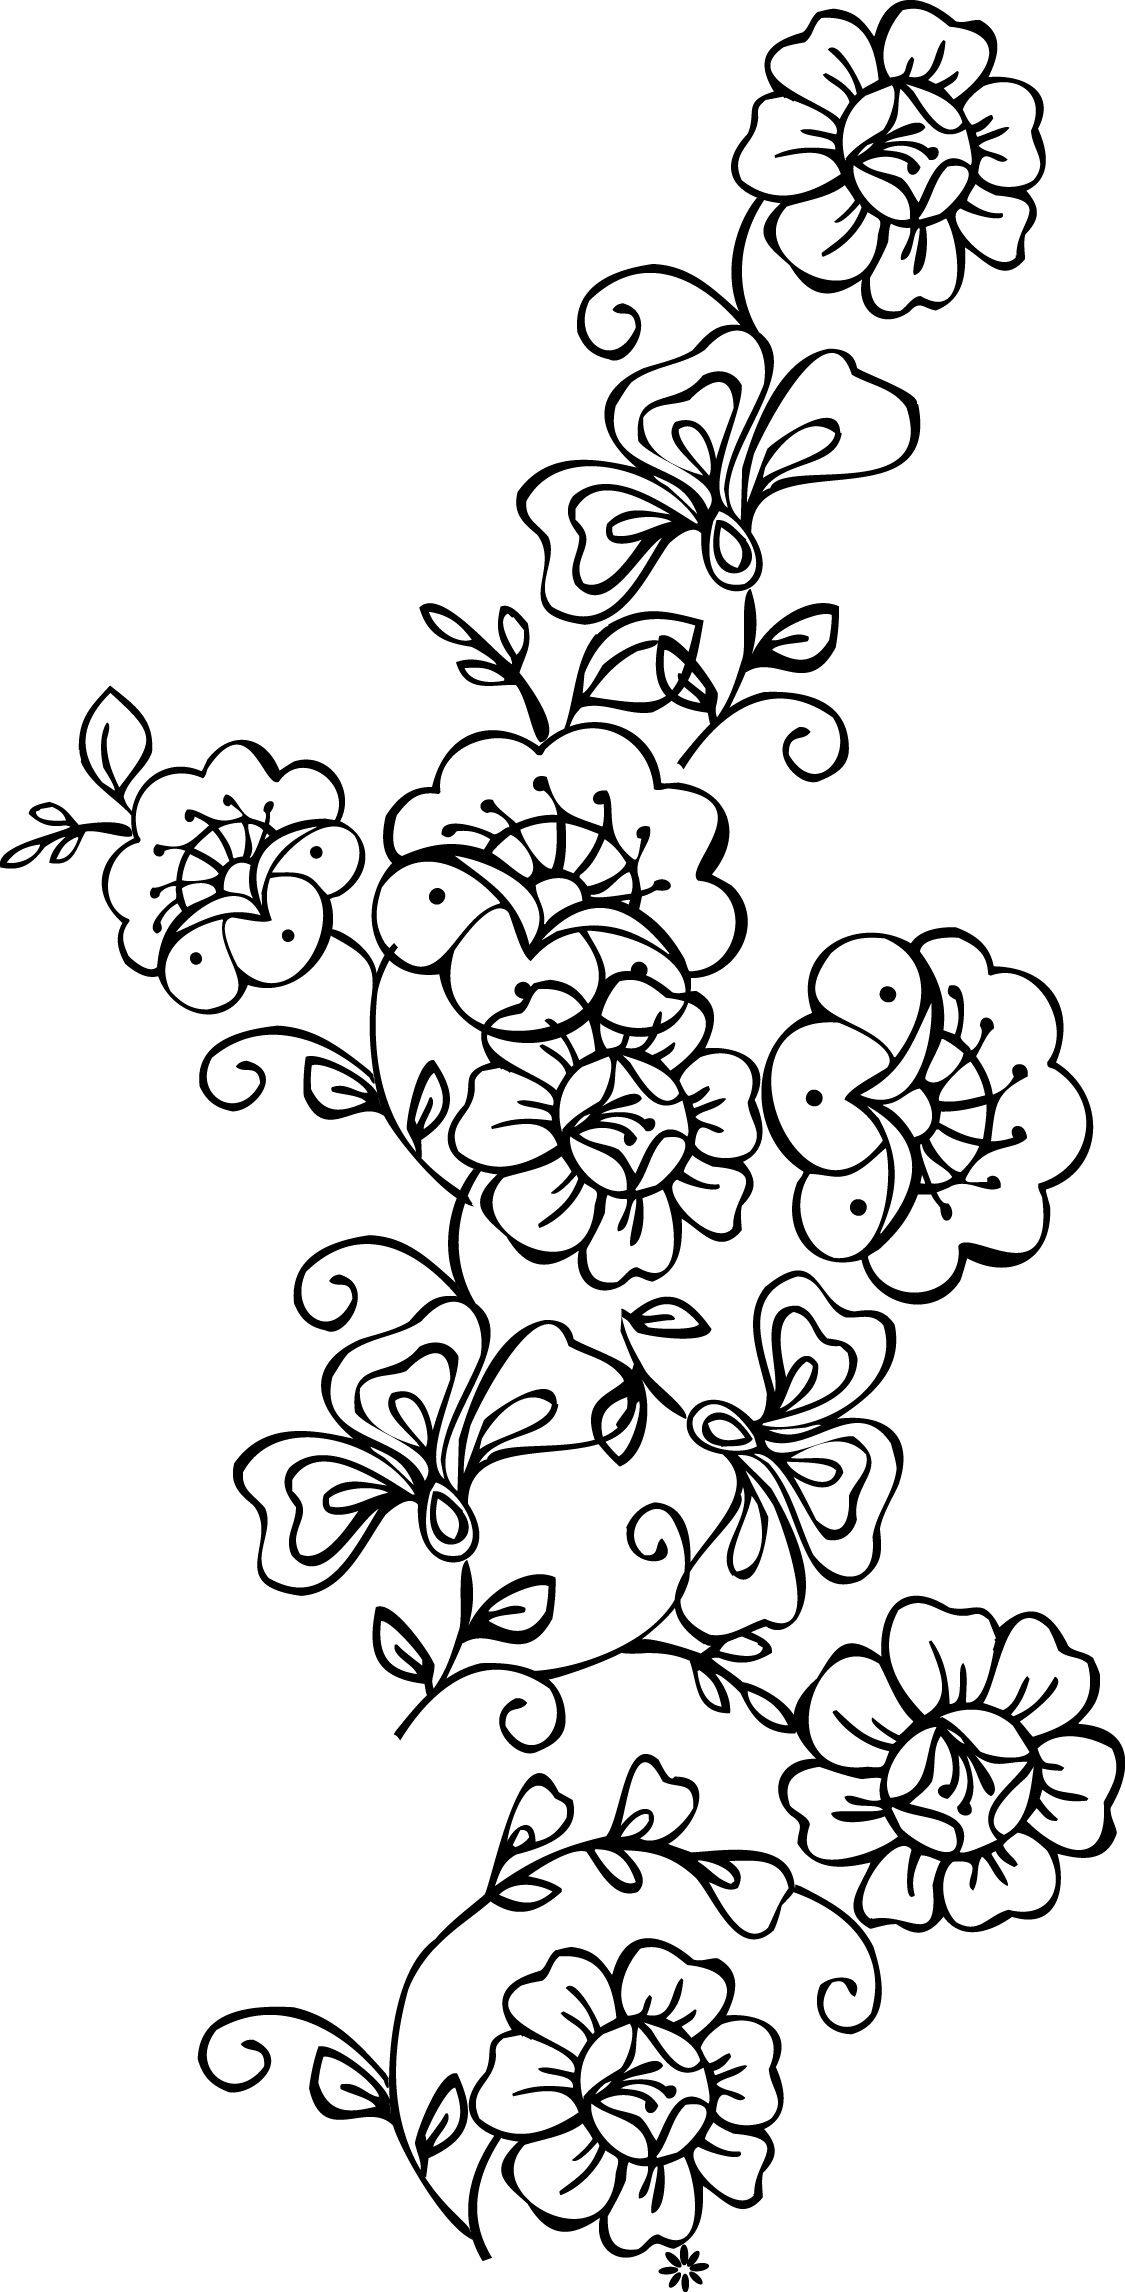 Free Printable Stencils Of Trees | Stencils Designs Free Printable - Free Printable Stencil Patterns